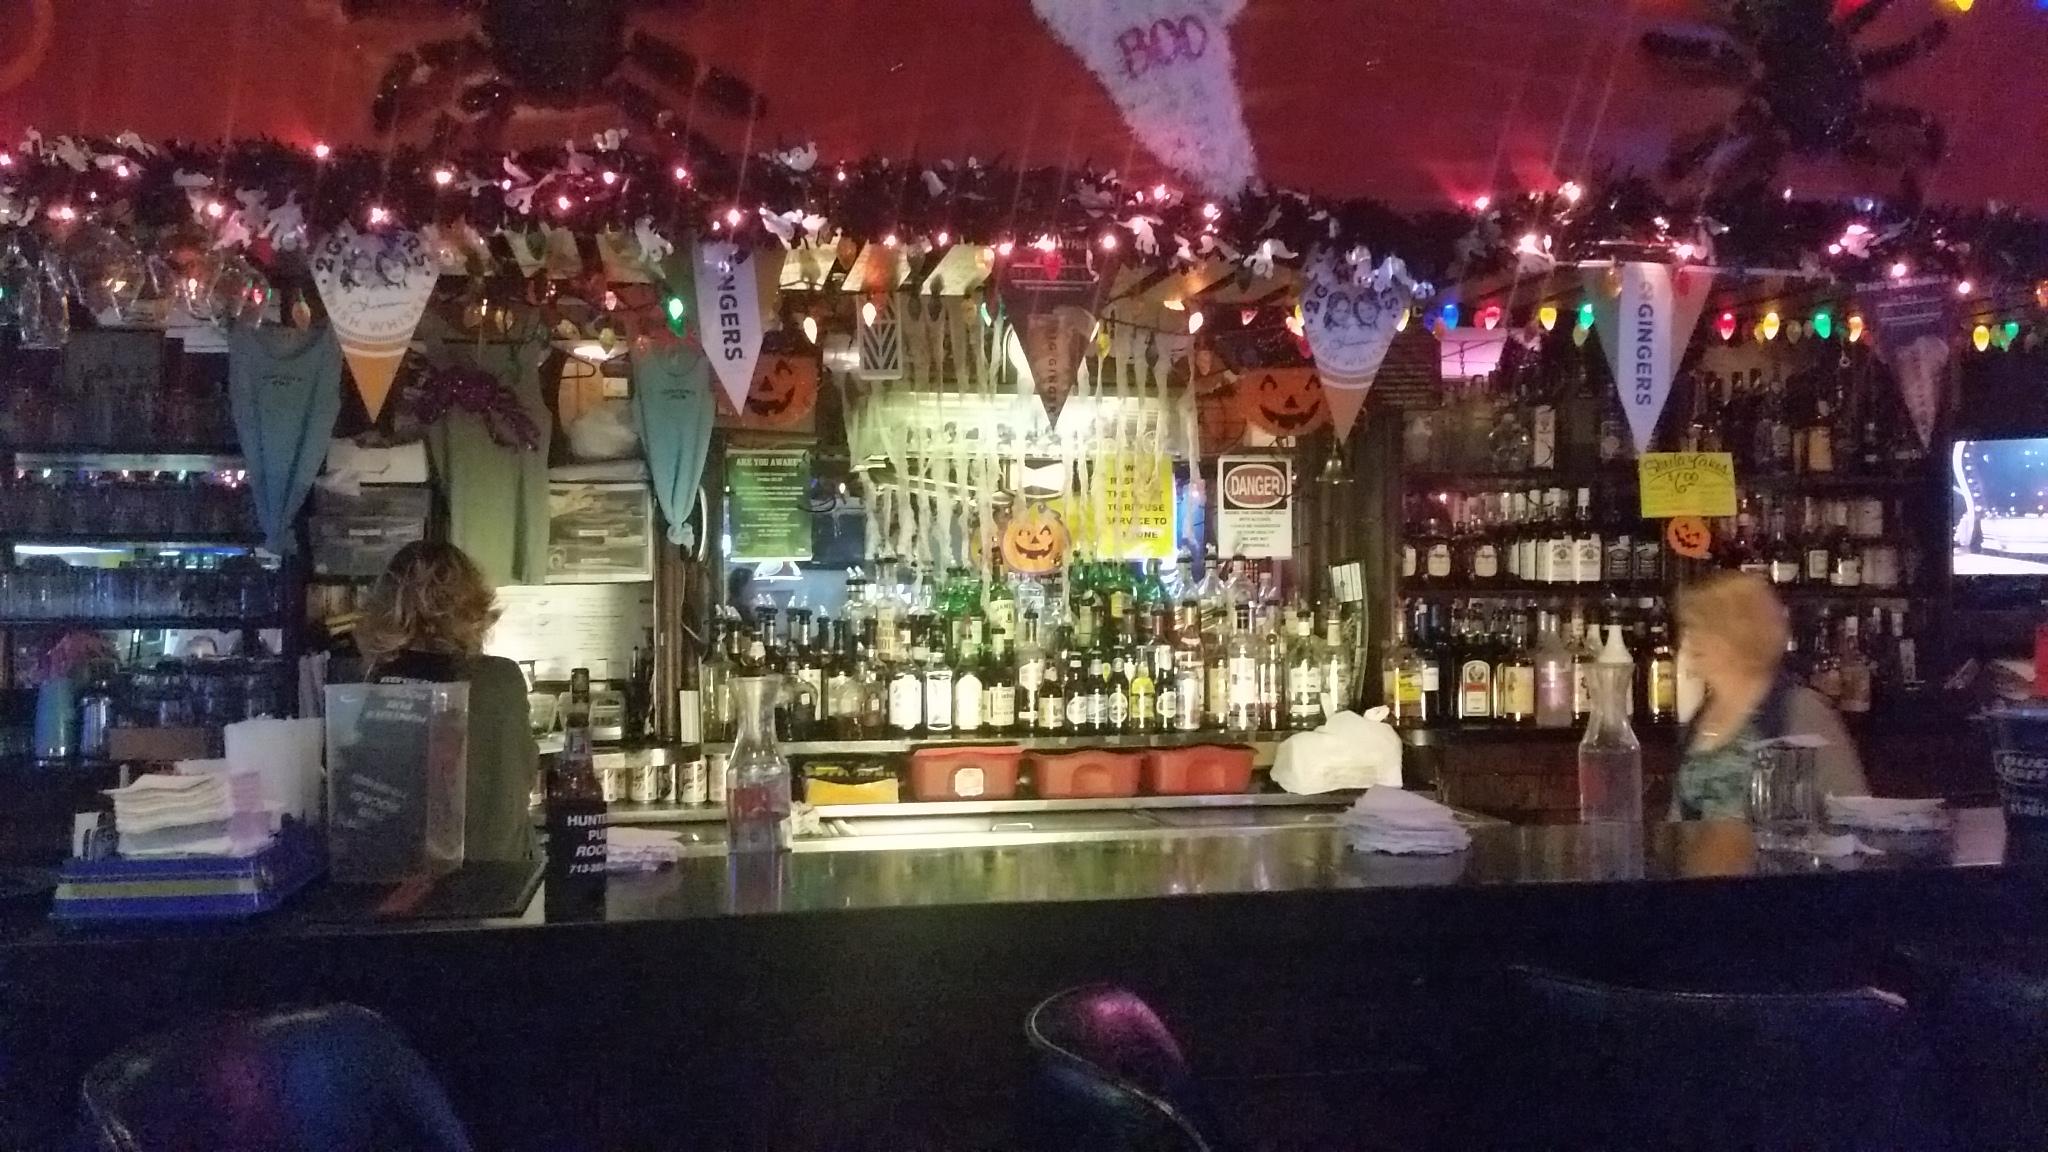 The Hunter's Pub